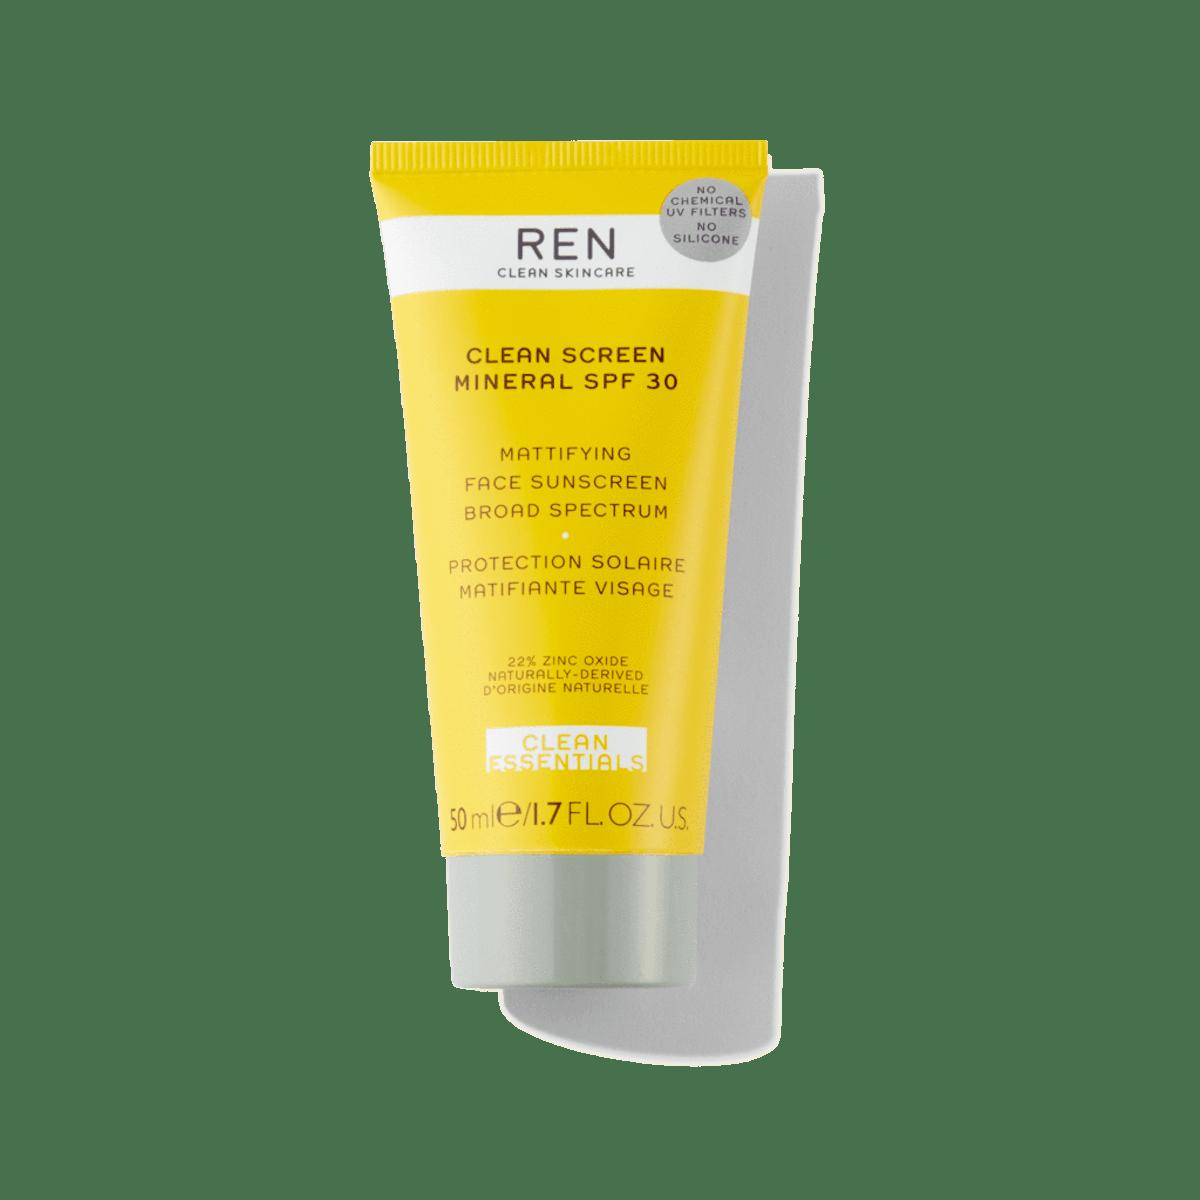 REN Clean Screen Mattifying Face Sunsceen